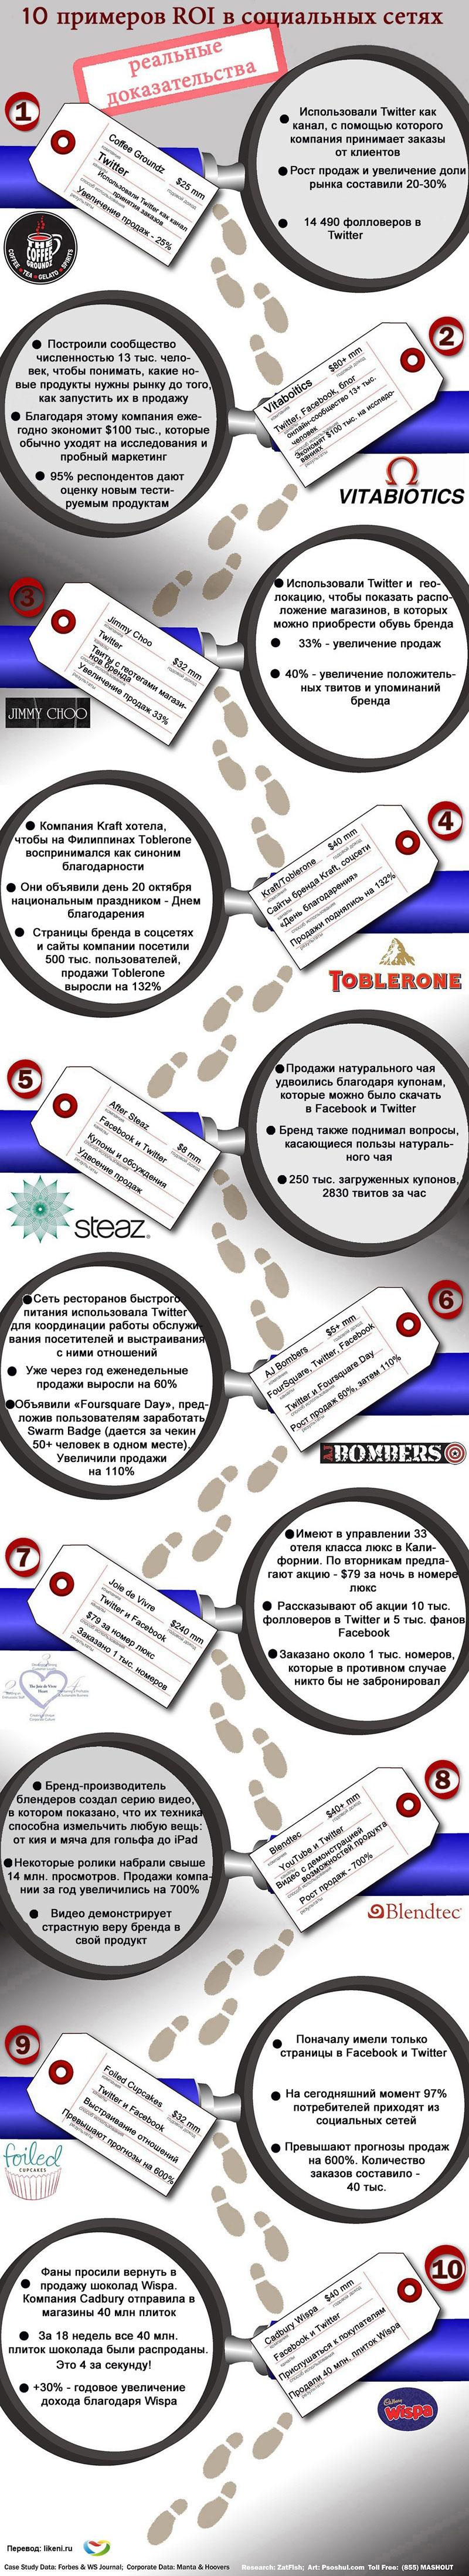 Эффективность маркетинга в социальных сетях